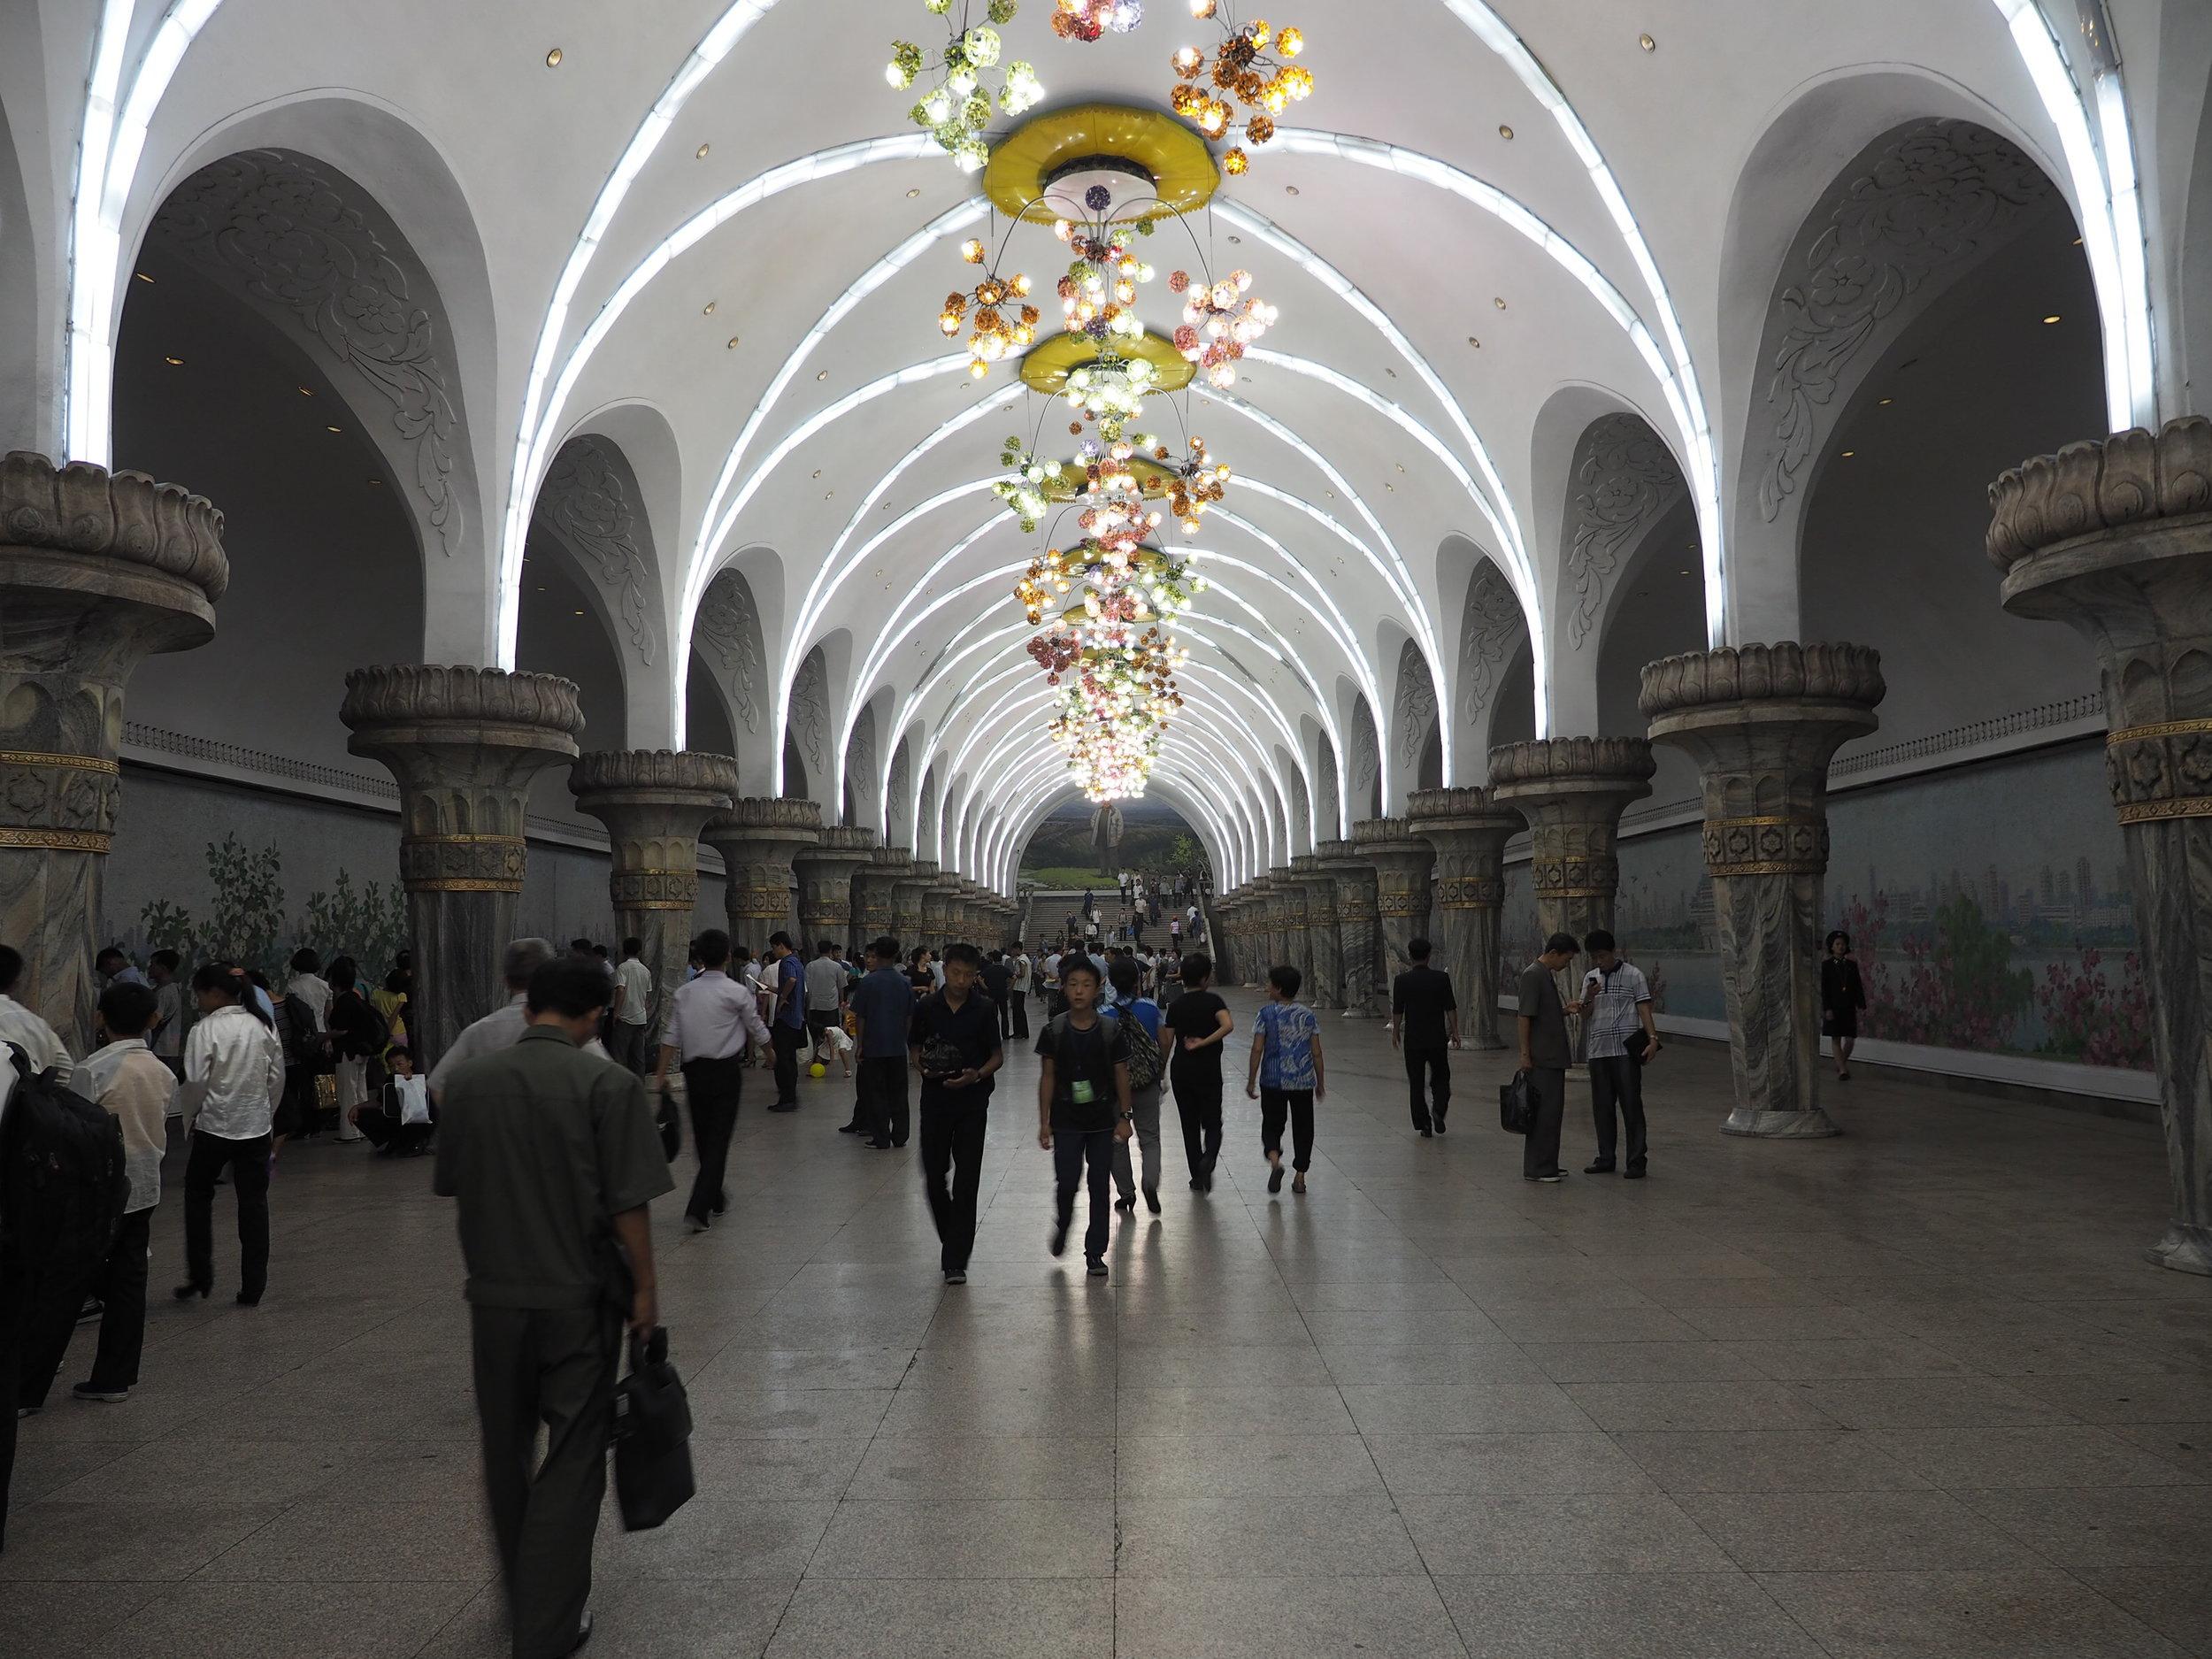 Yongguang Station